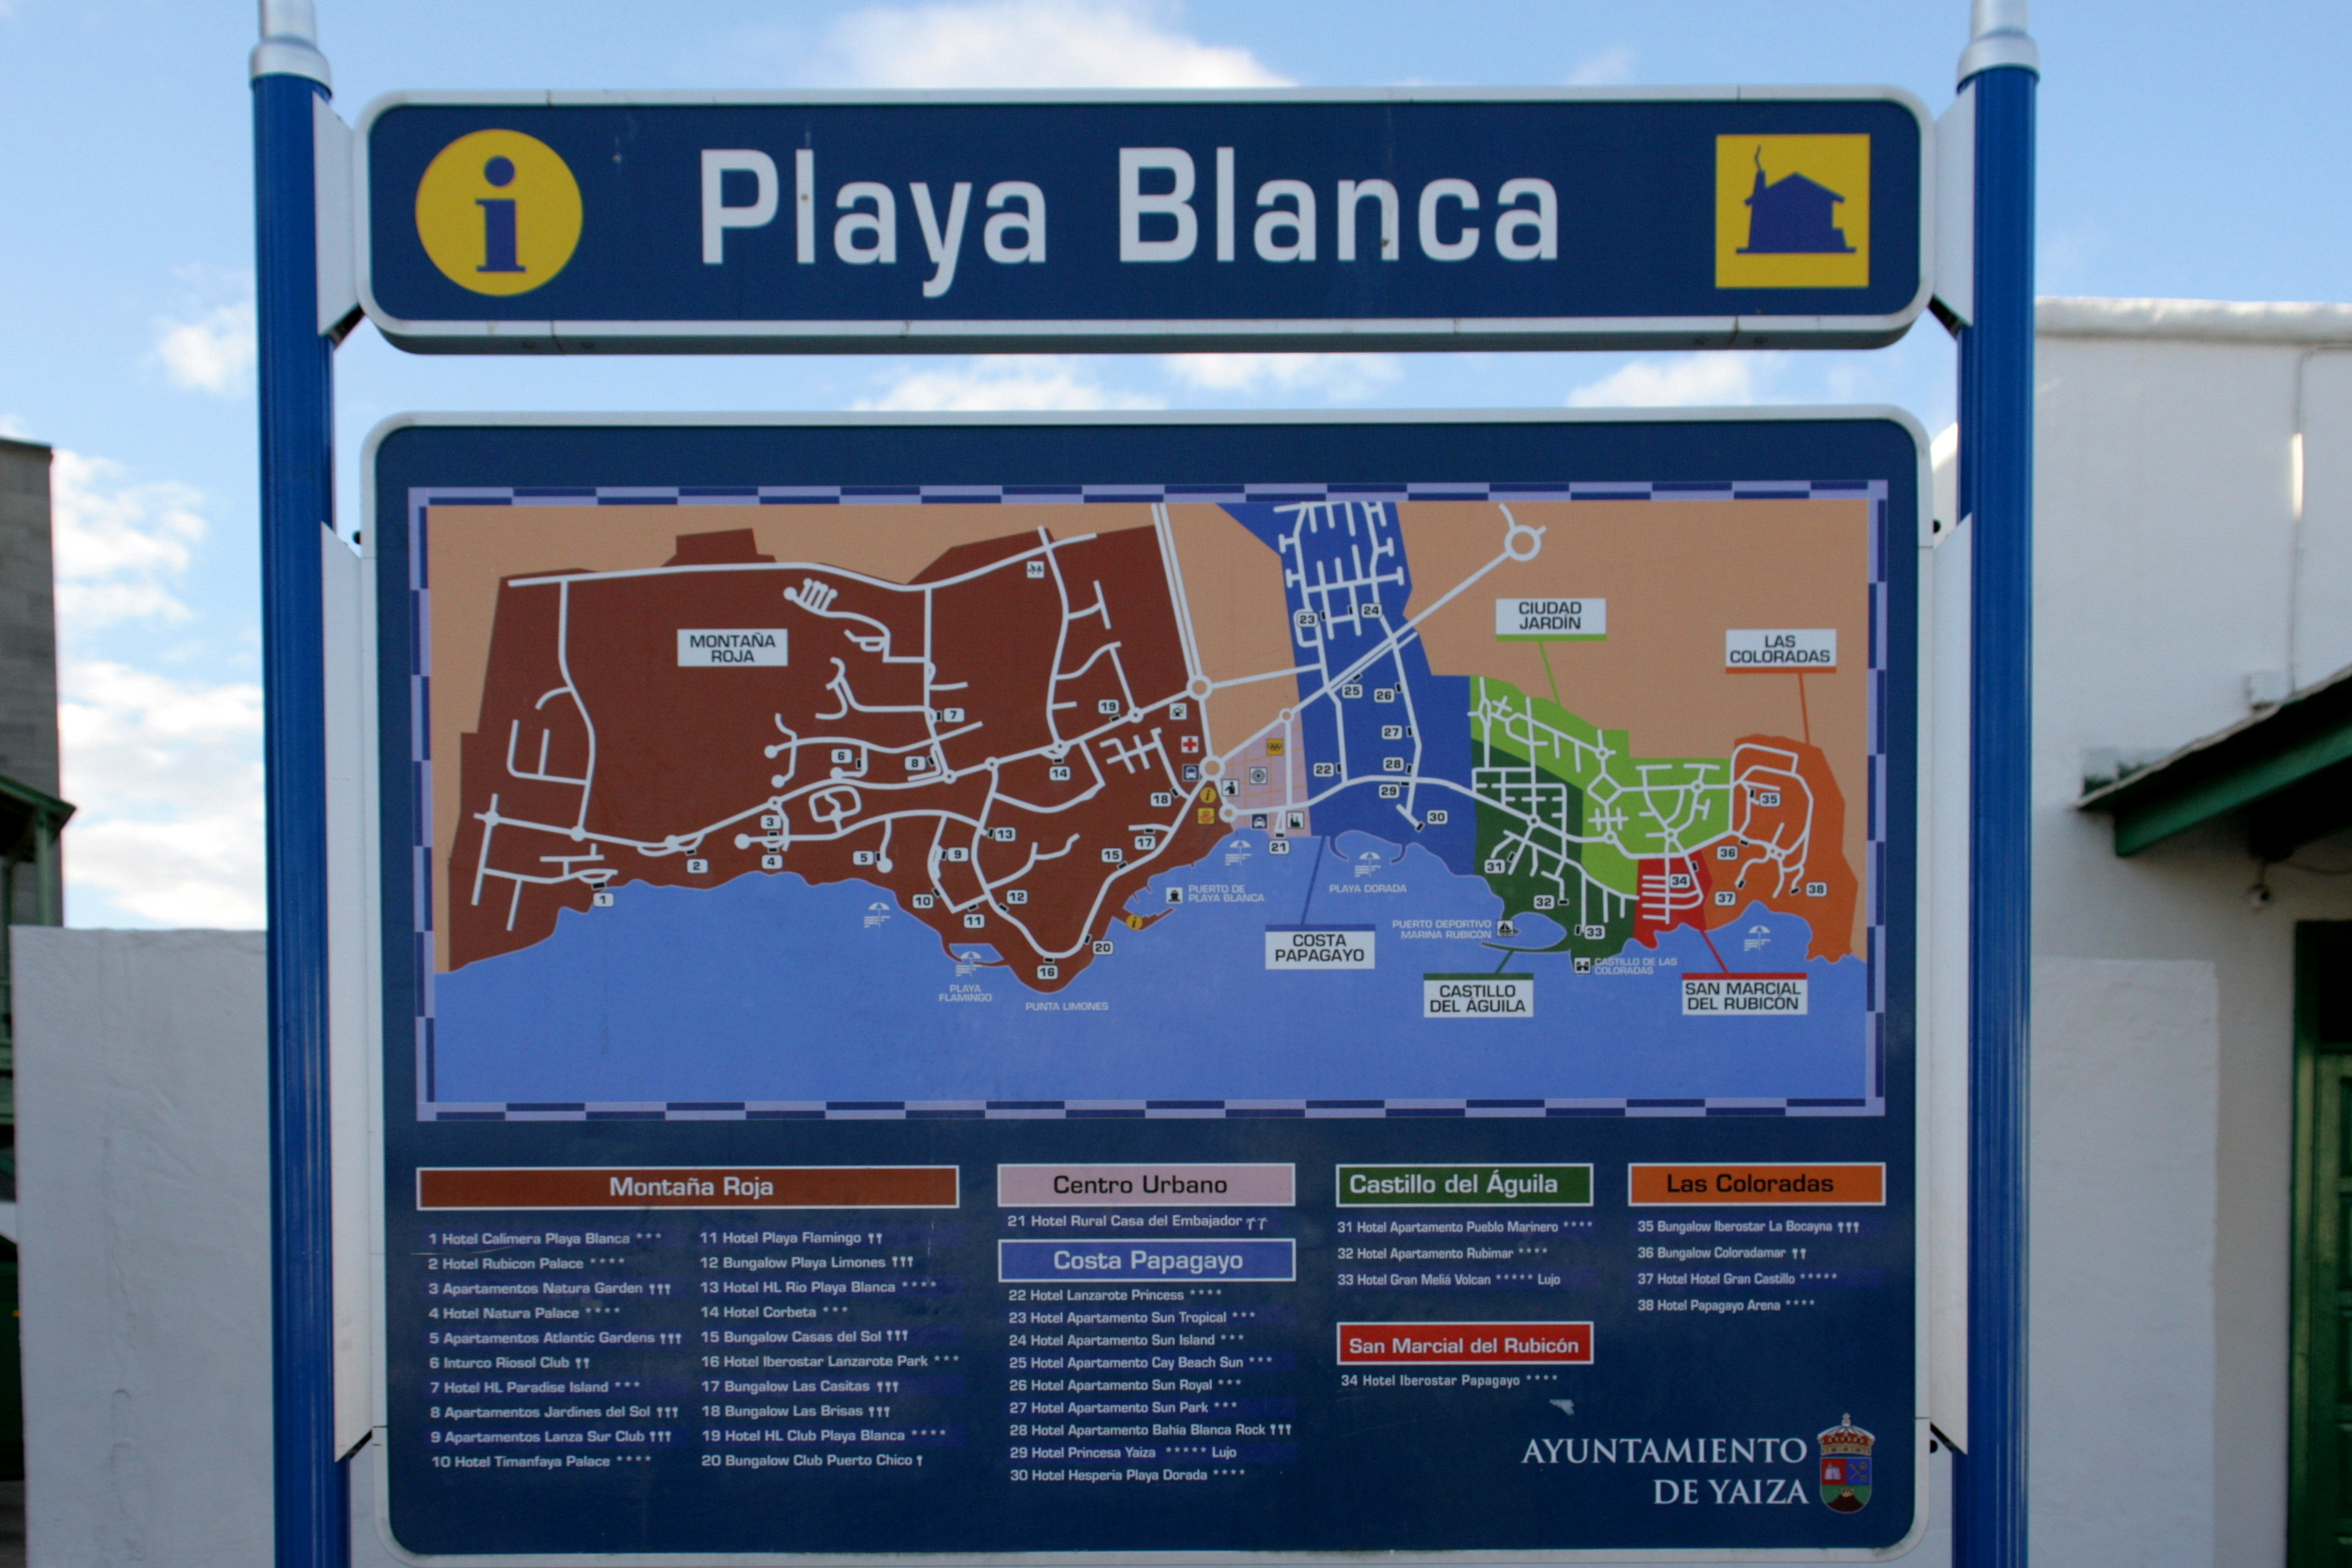 Playa Blanca - Calle Limones 15 ies.jpg